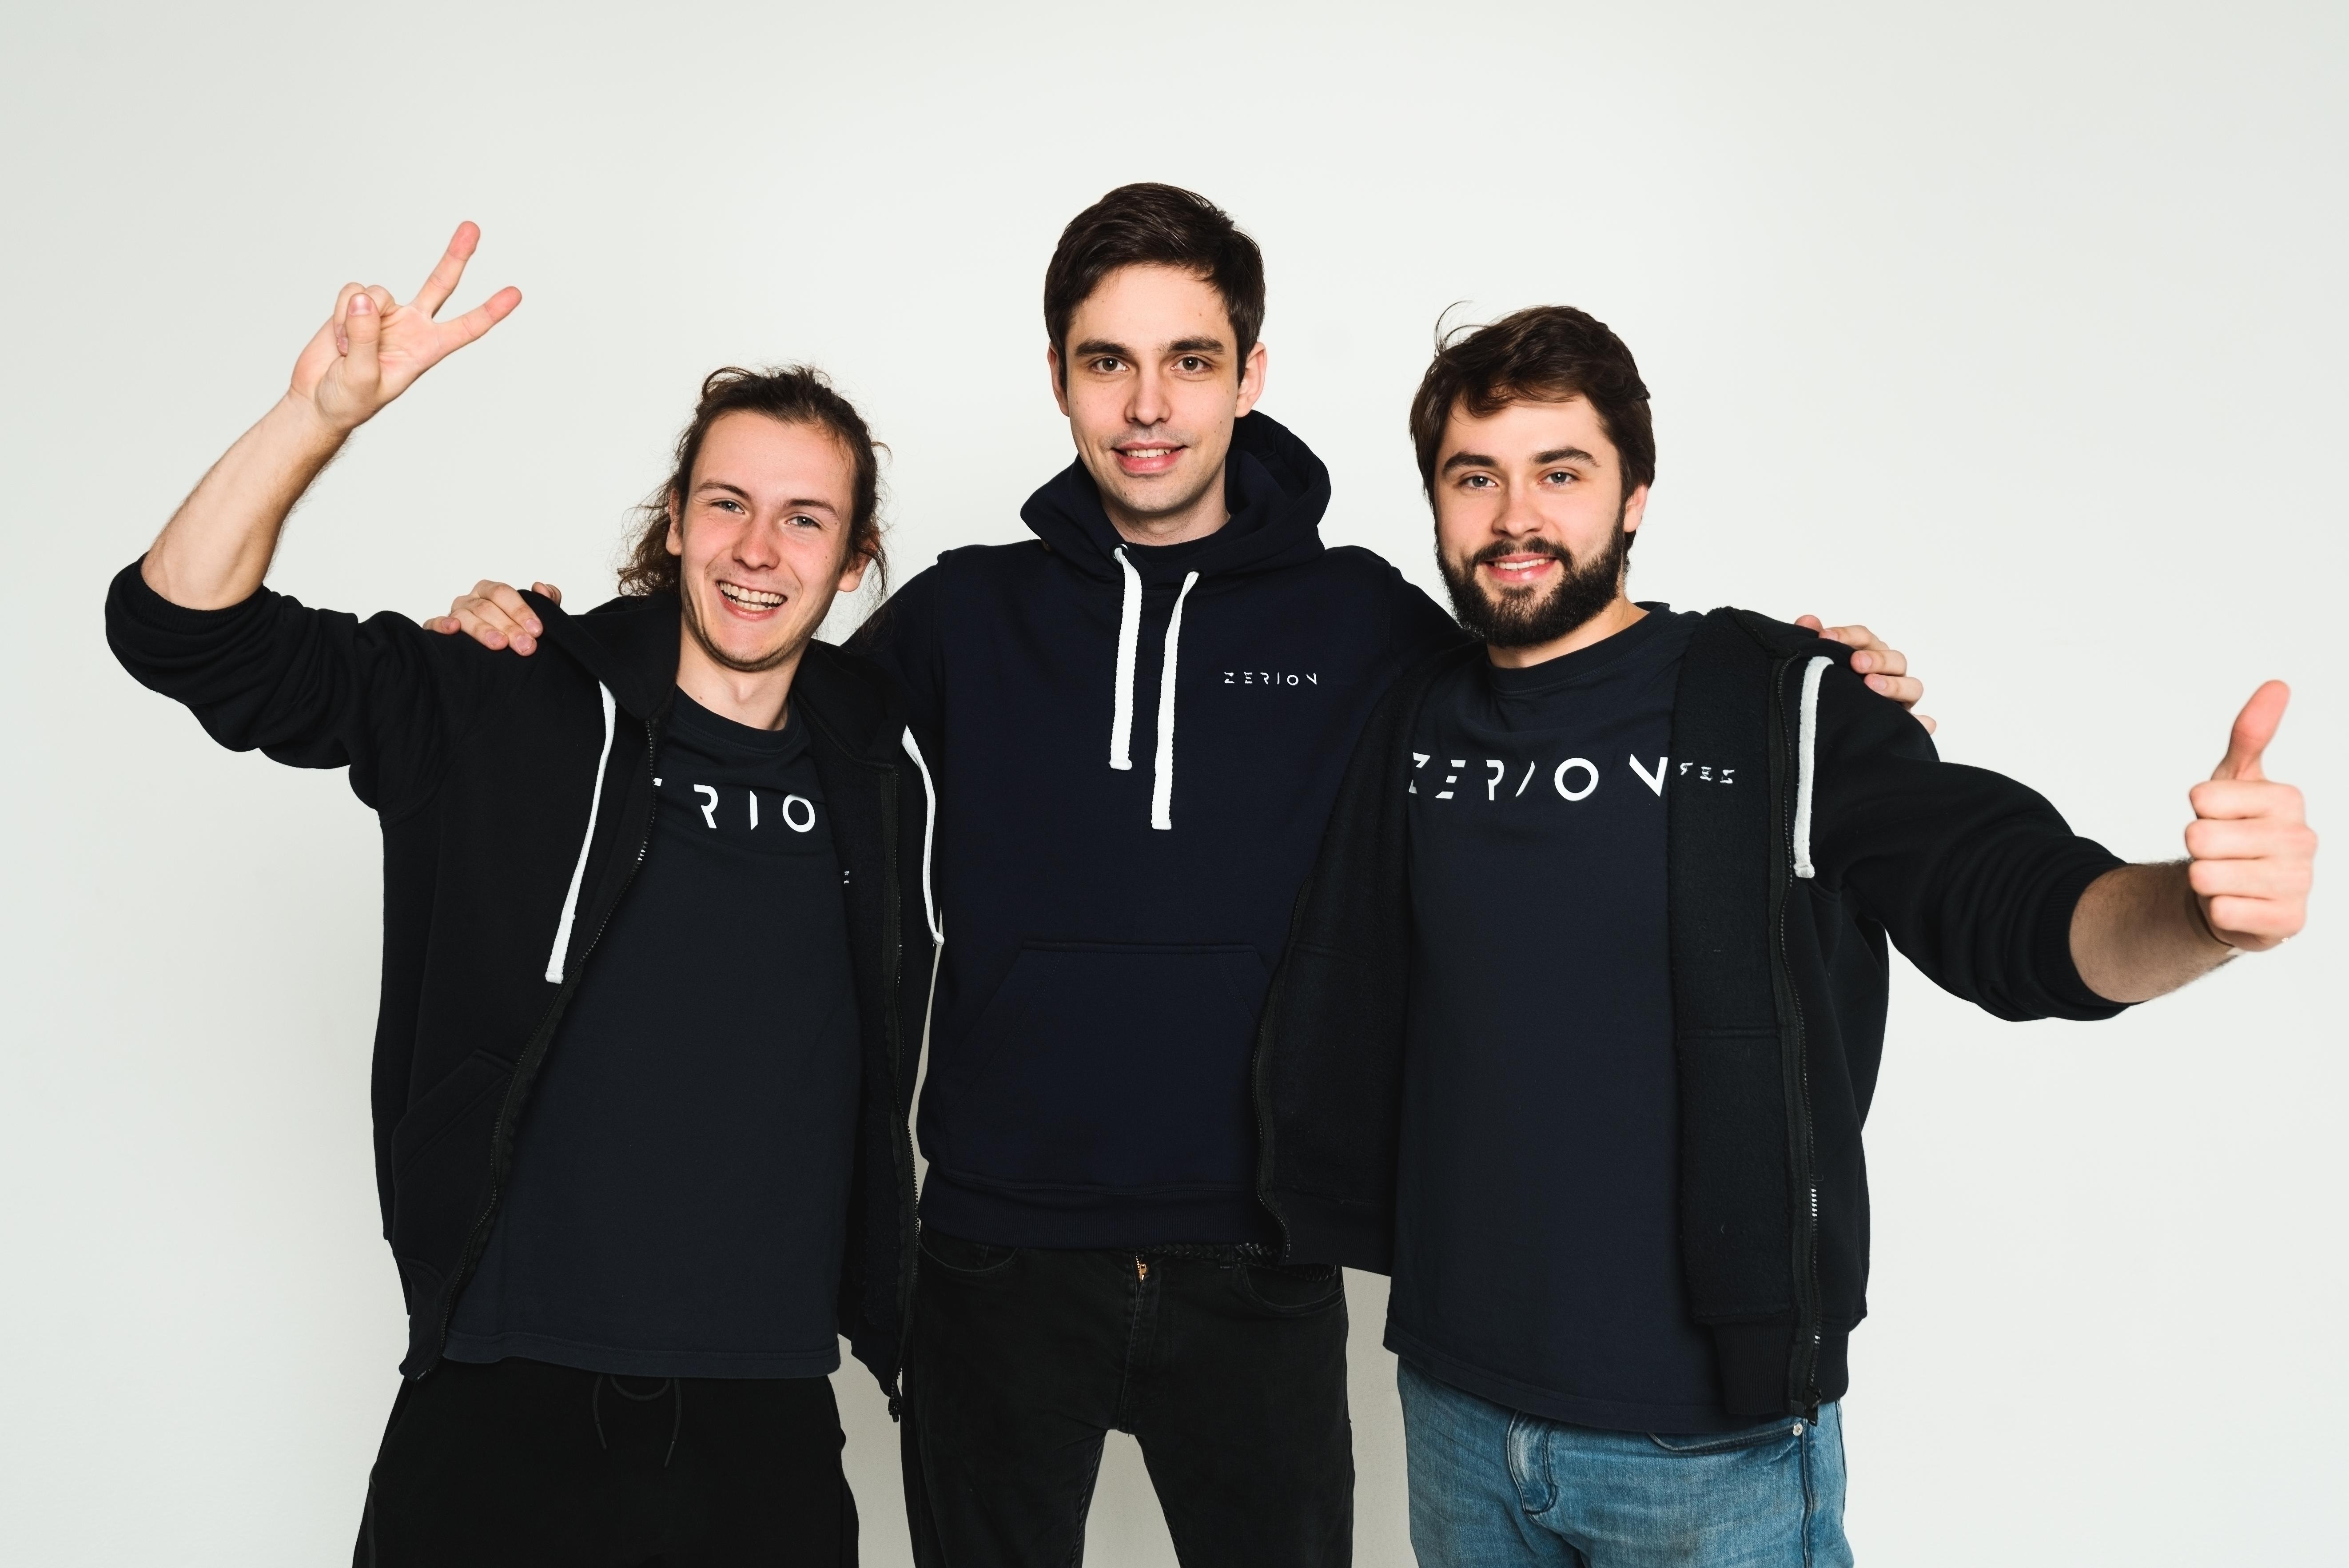 Финтех-стартап Zerion привлек $8.2 млн инвестиций